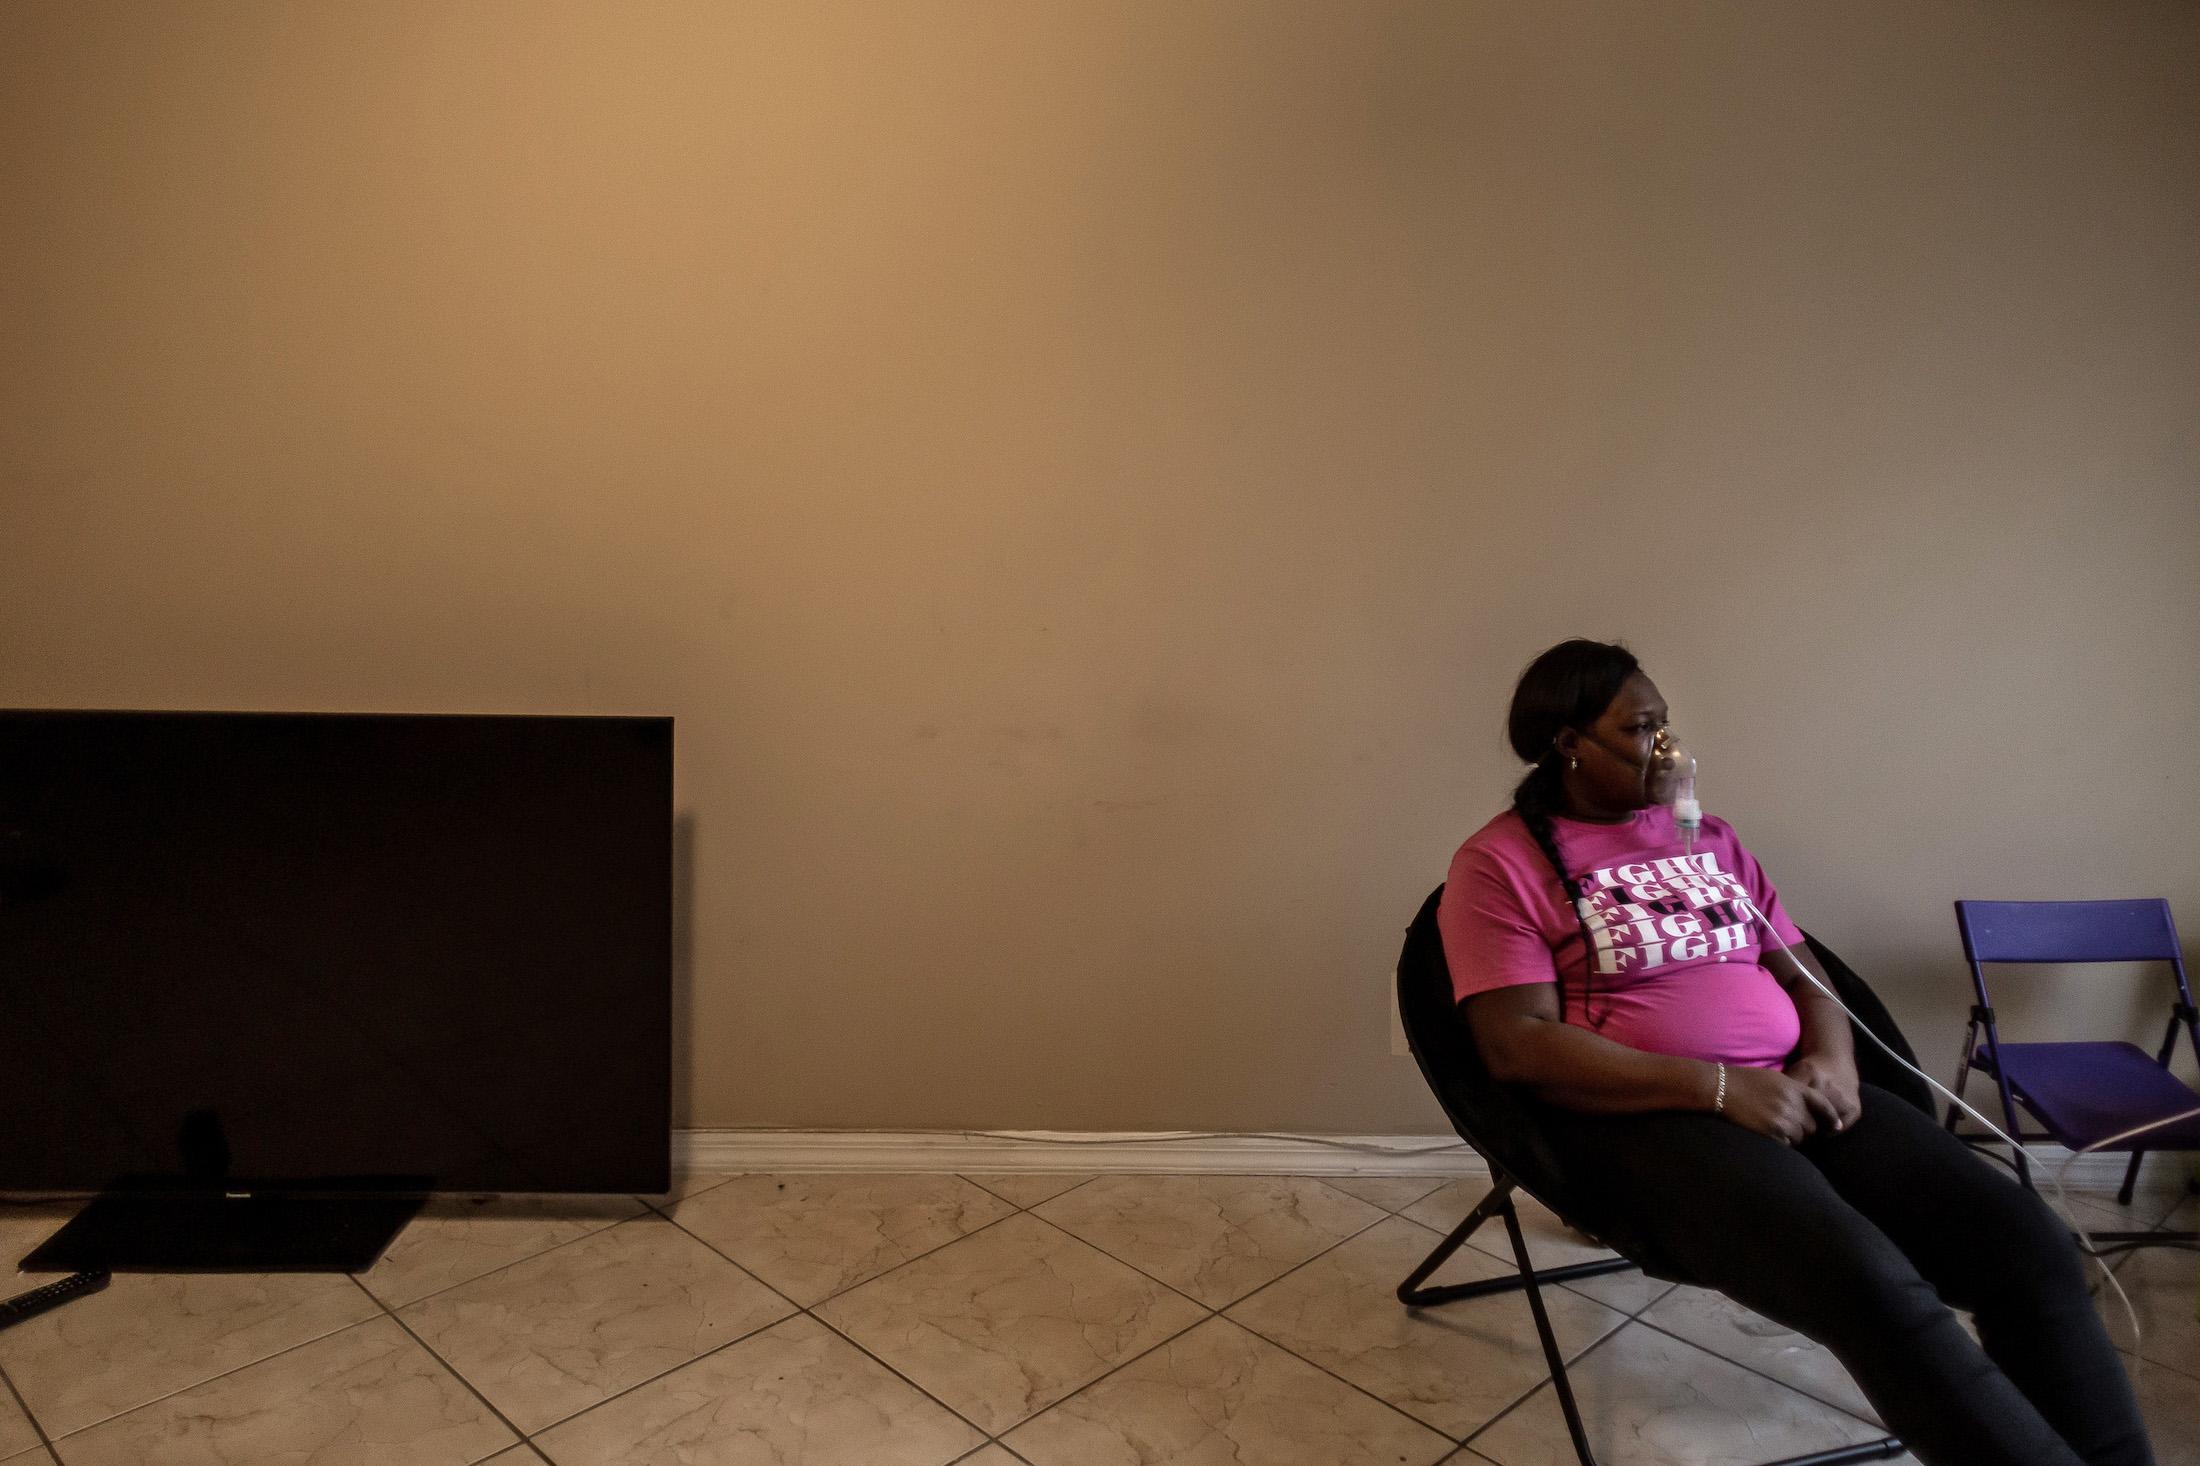 Otishia Harveyは、ネブライザーを持ってパホーキーの自宅に座っています。 トーマスコーディ/パームビーチポスト